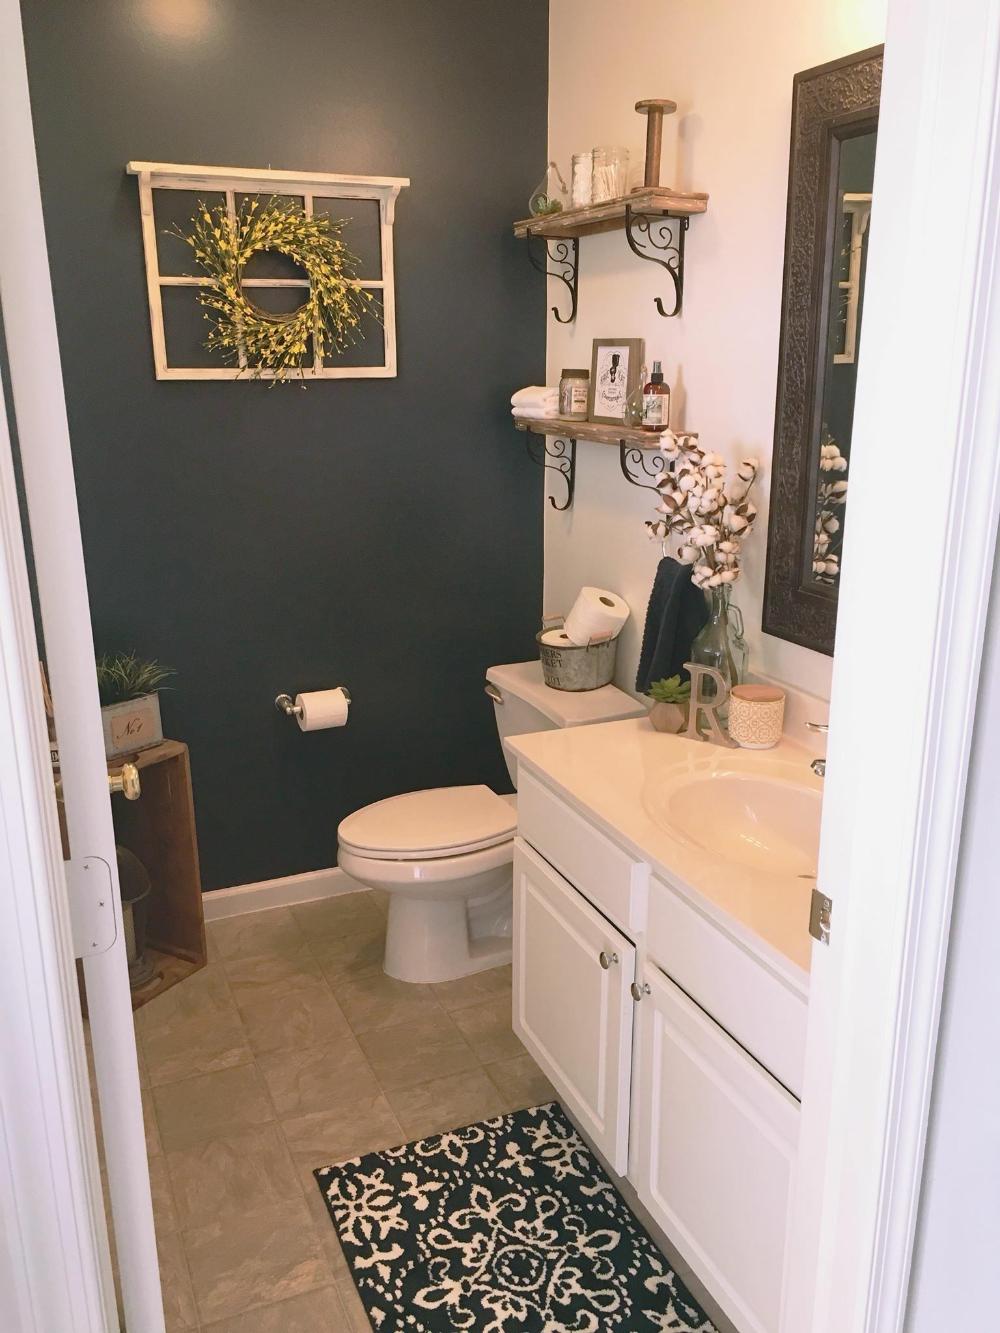 Guest Bathroom Wall Decor In 2020 Guest Bathroom Decor Guest Bathrooms Rustic Bathrooms